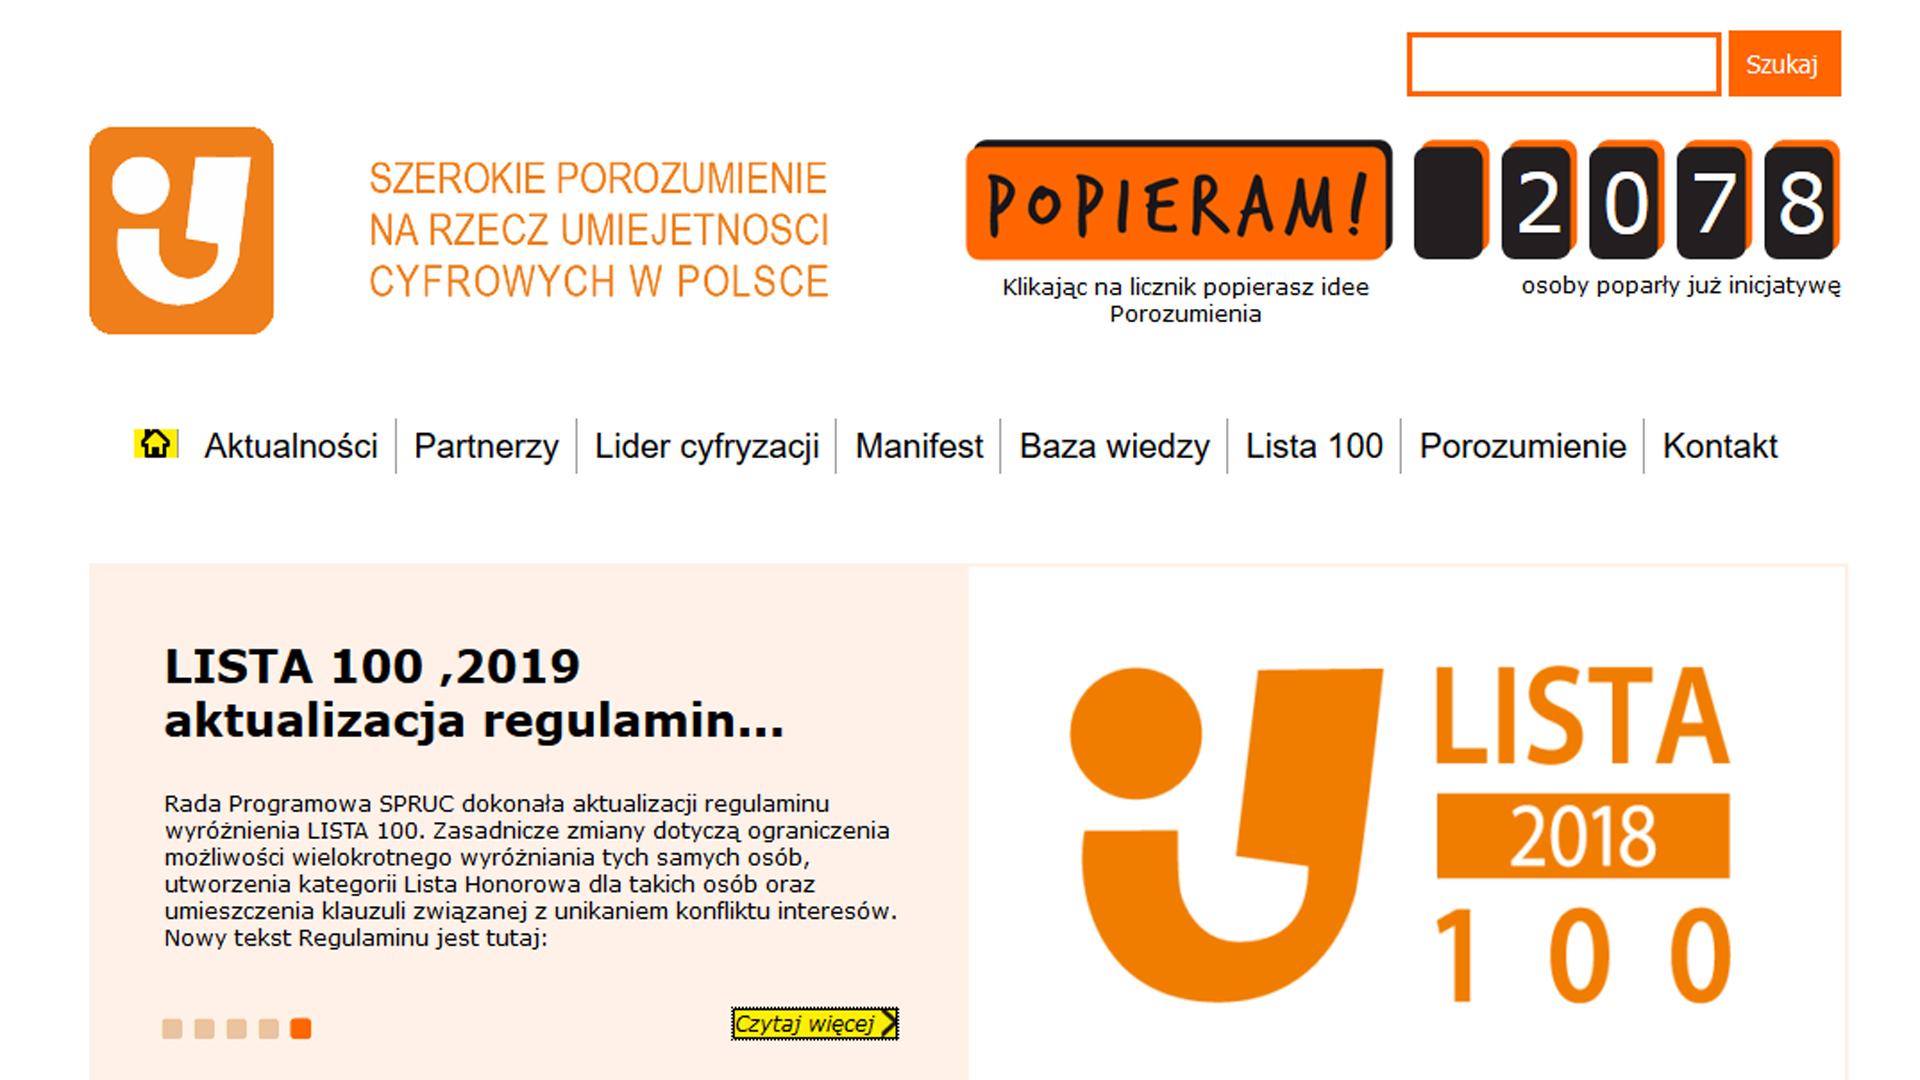 """Zbigniew Karwasiński wśród wyróżnionych na """"Liście 100"""" 2018"""